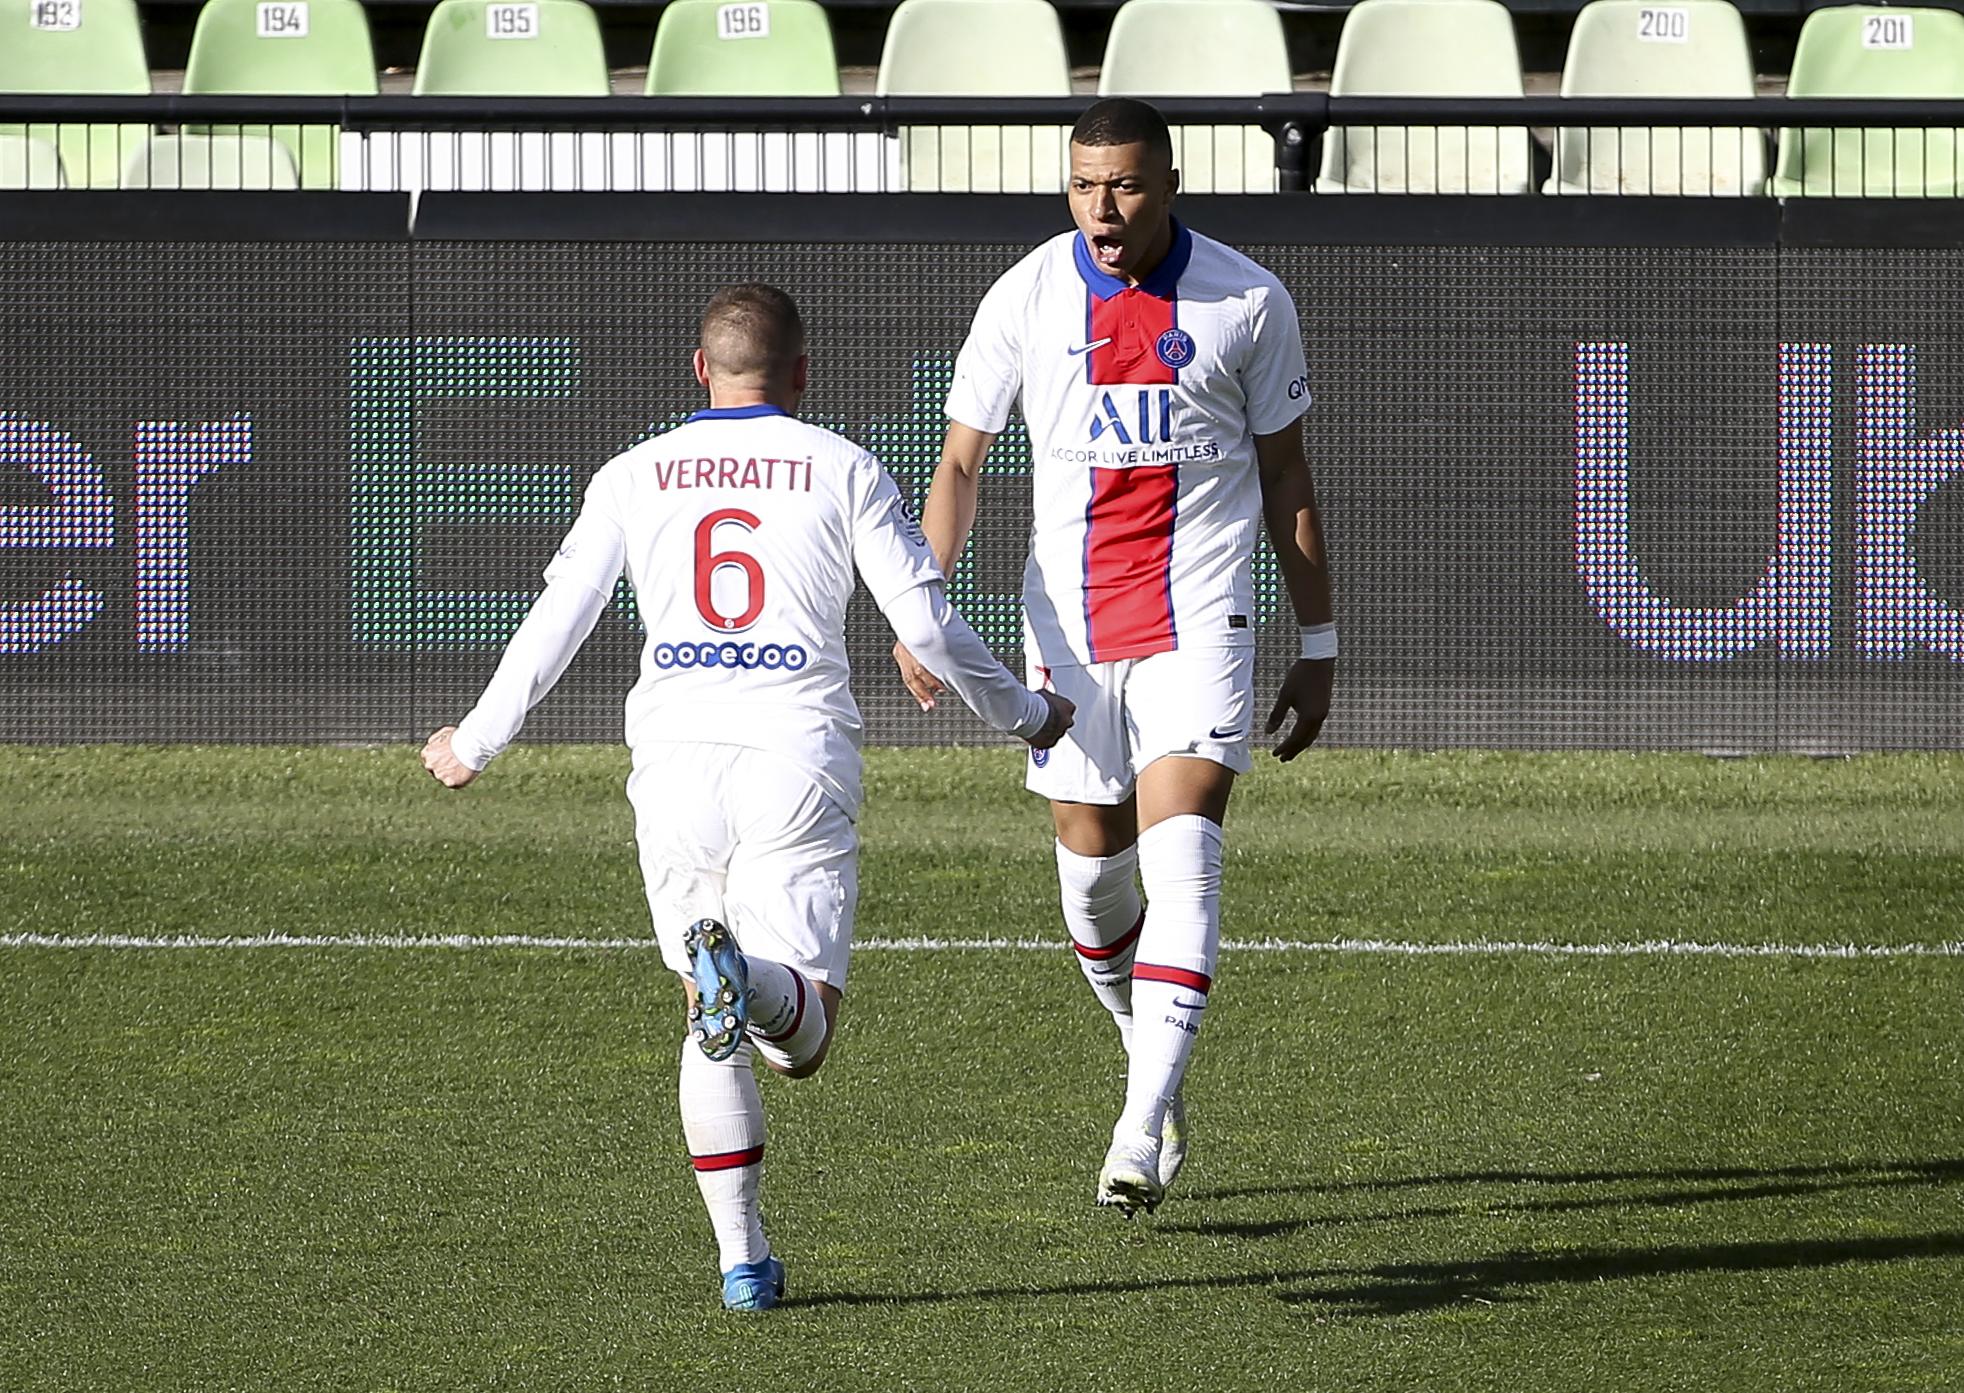 Kylian Mbappe celebrates with Marco Verratti - Paris Saint-Germain - Ligue 1